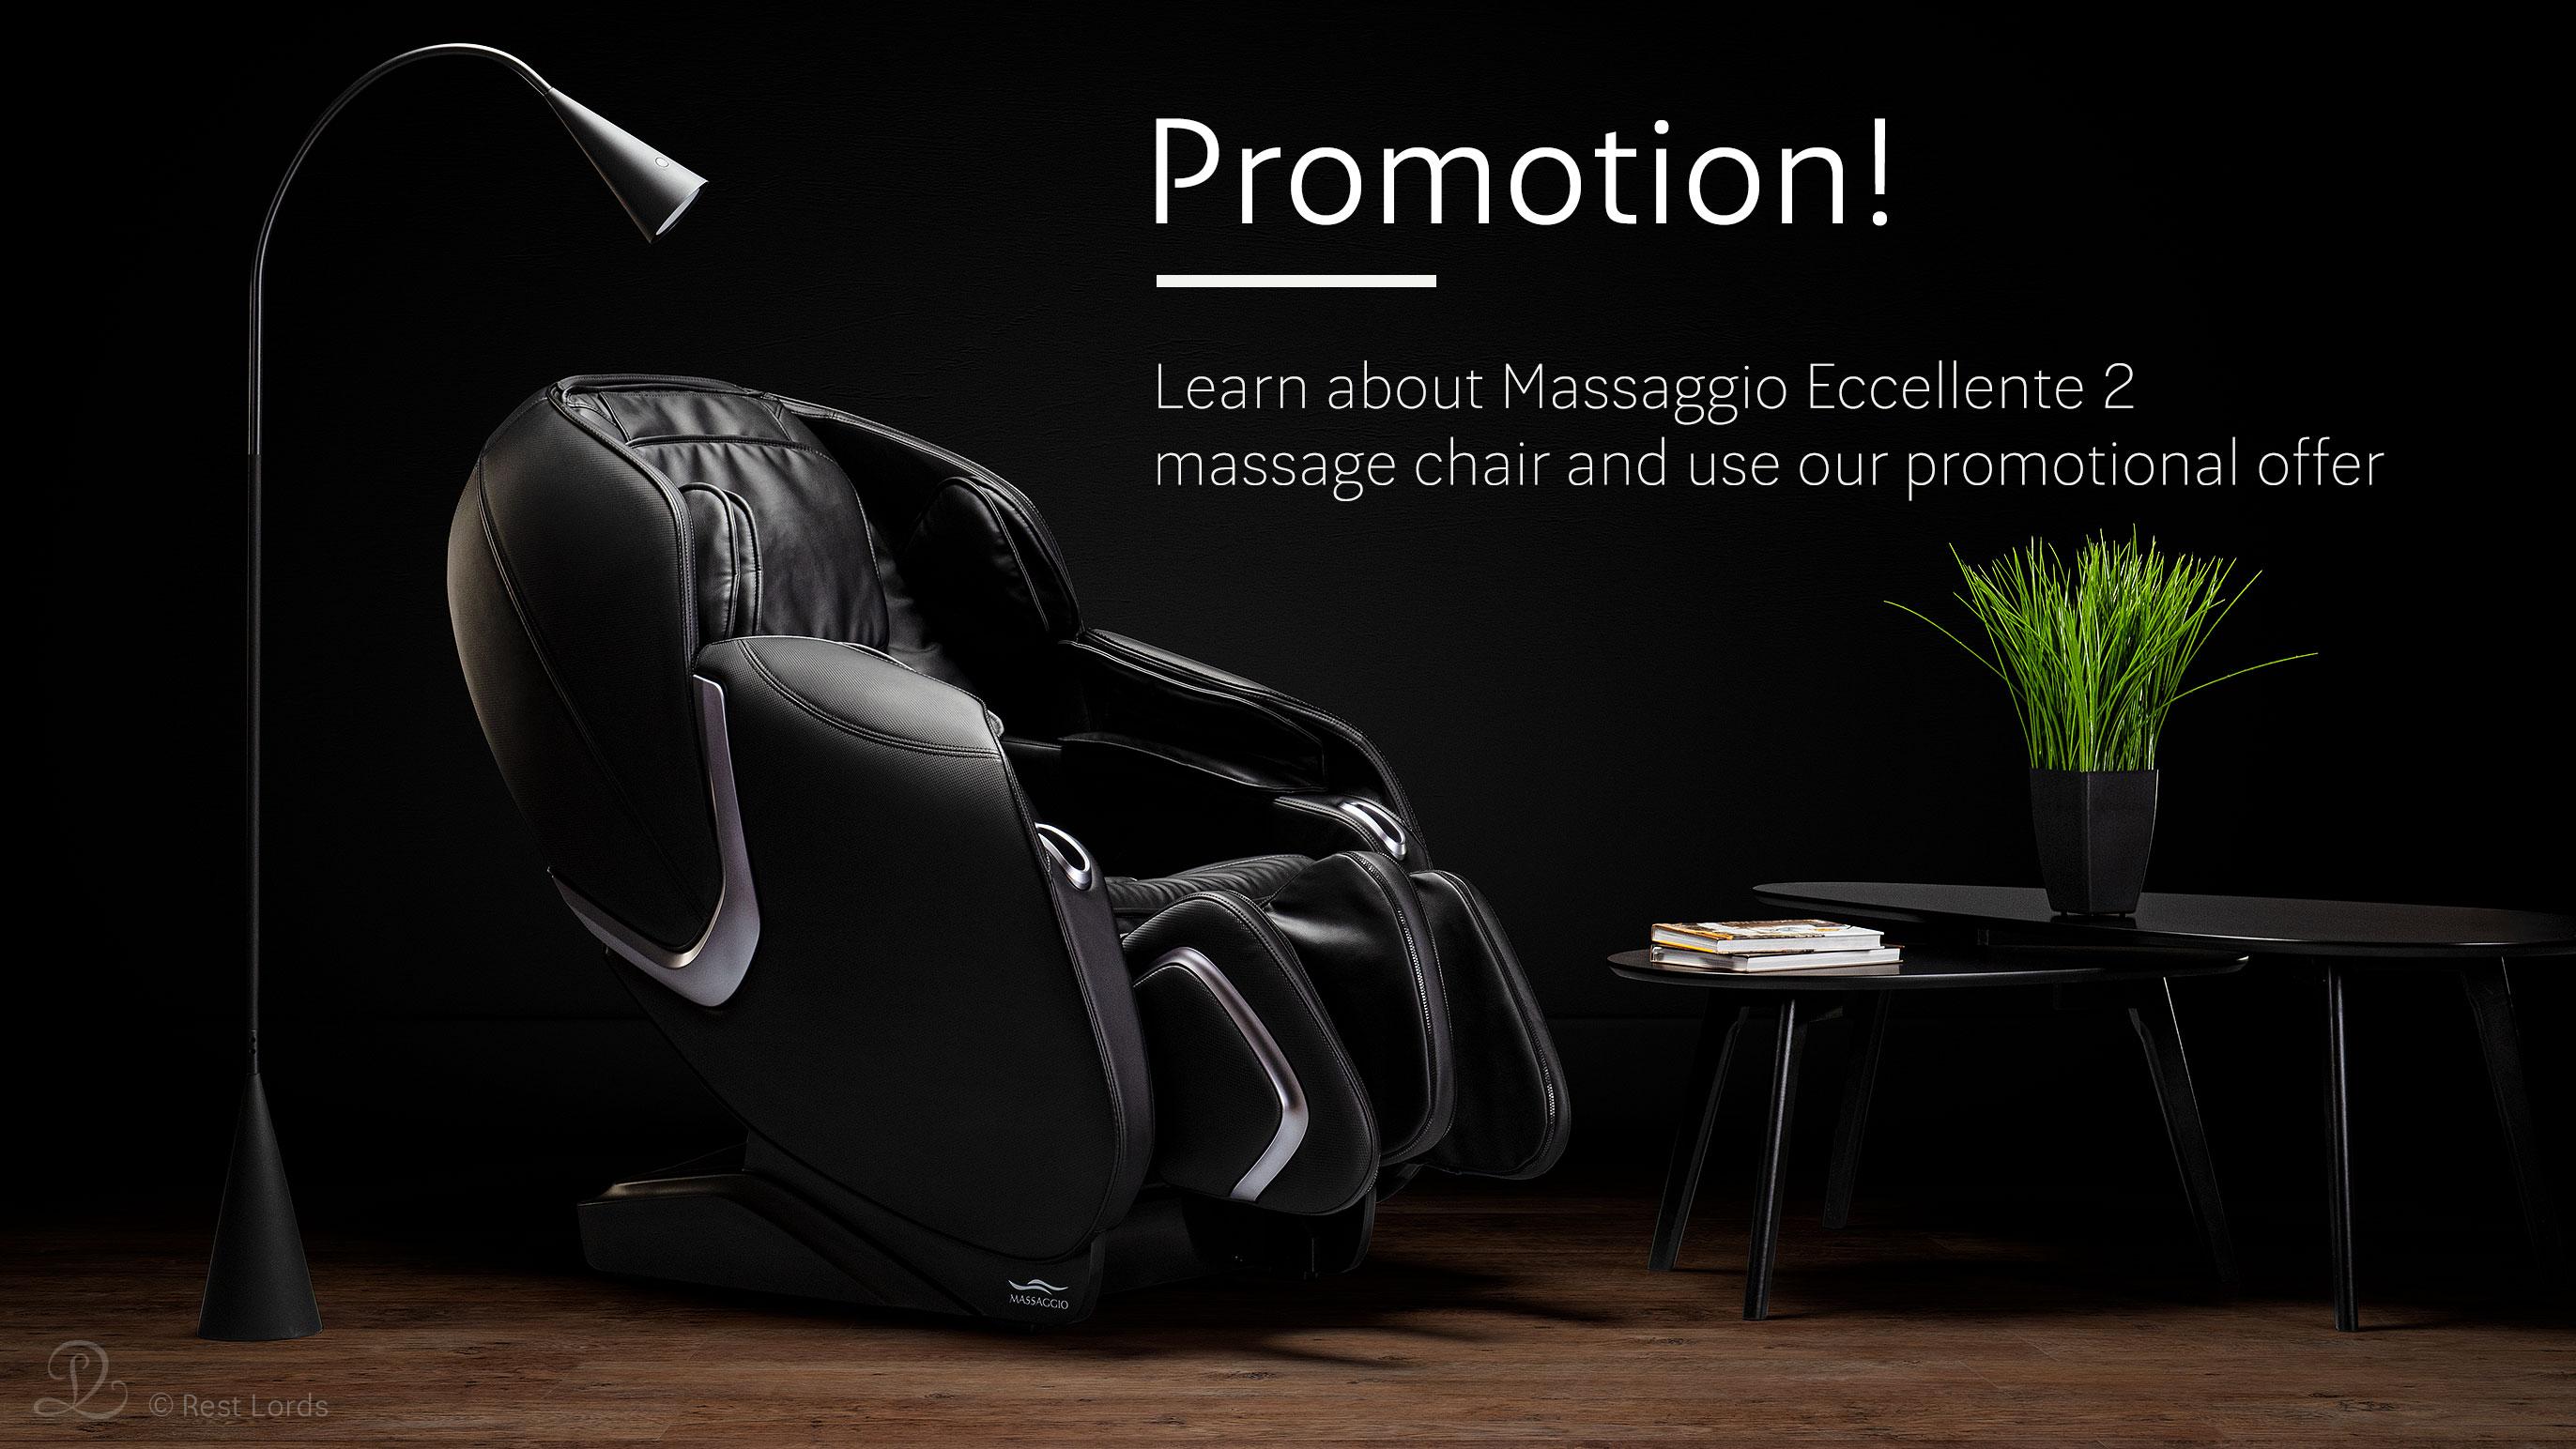 Promotion of massage chair Eccellente 2